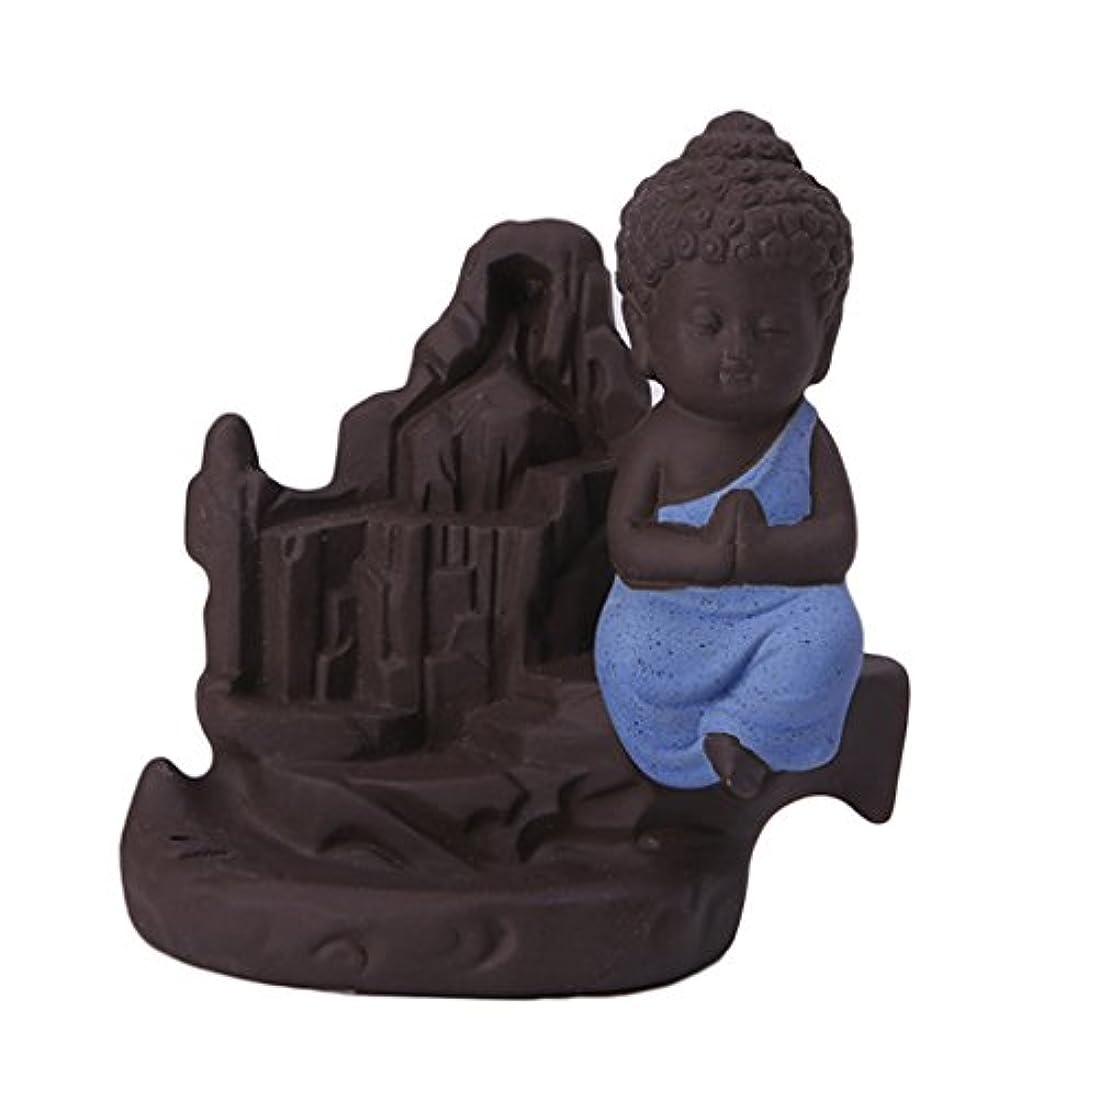 メアリアンジョーンズ作曲する罪セラミック 仏 逆流コーン 香炉ホルダー 香バーナー 装飾的 3色選べる - ブルー